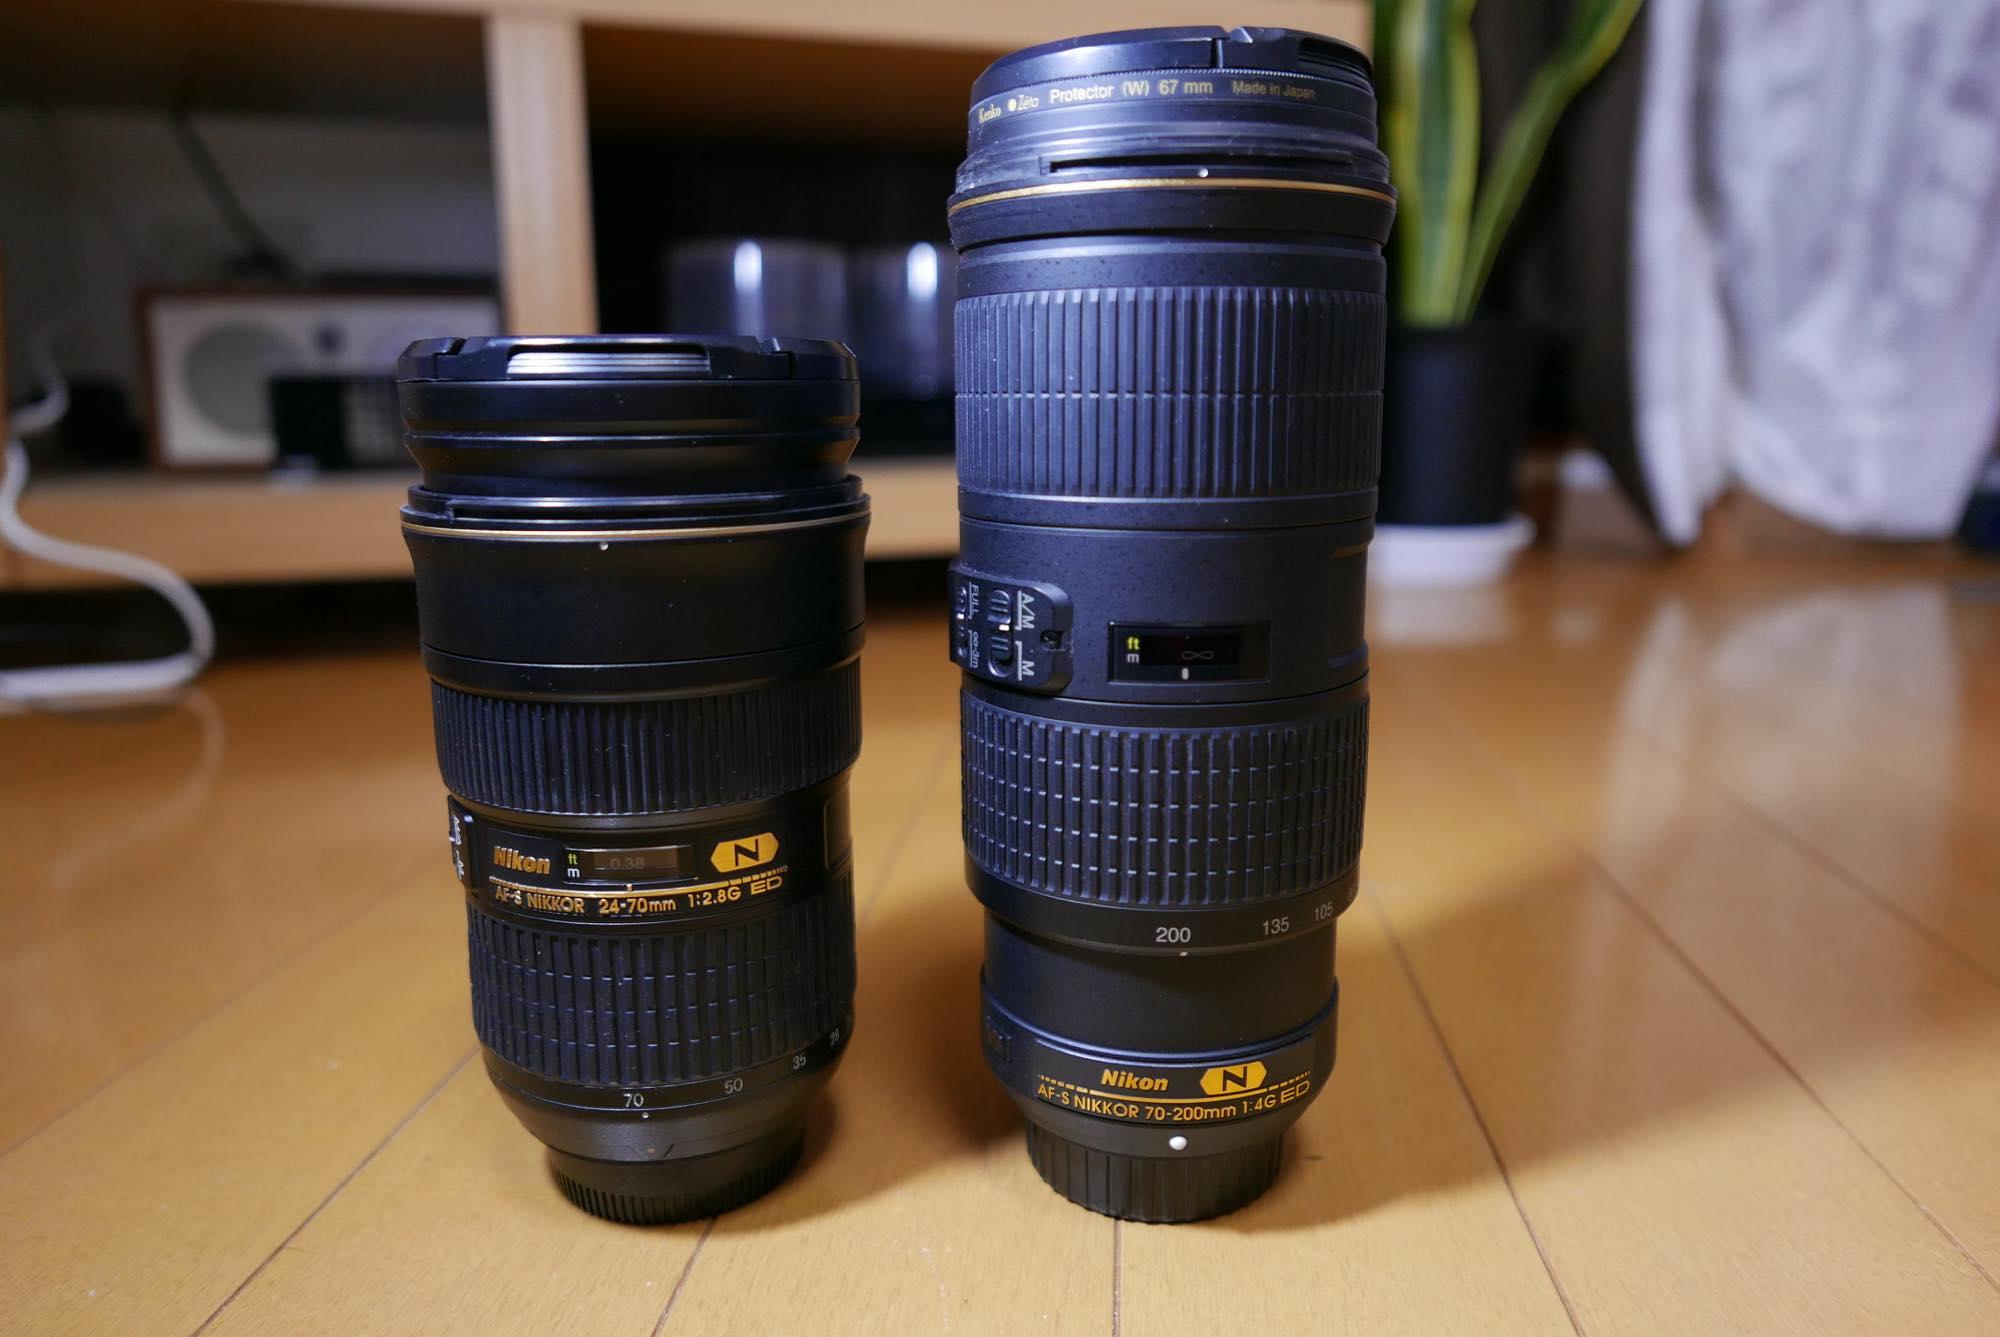 NIKKOR 24-70mm f/2.8E ED AF-S NIKKOR 70-200mm f/4G ED VR